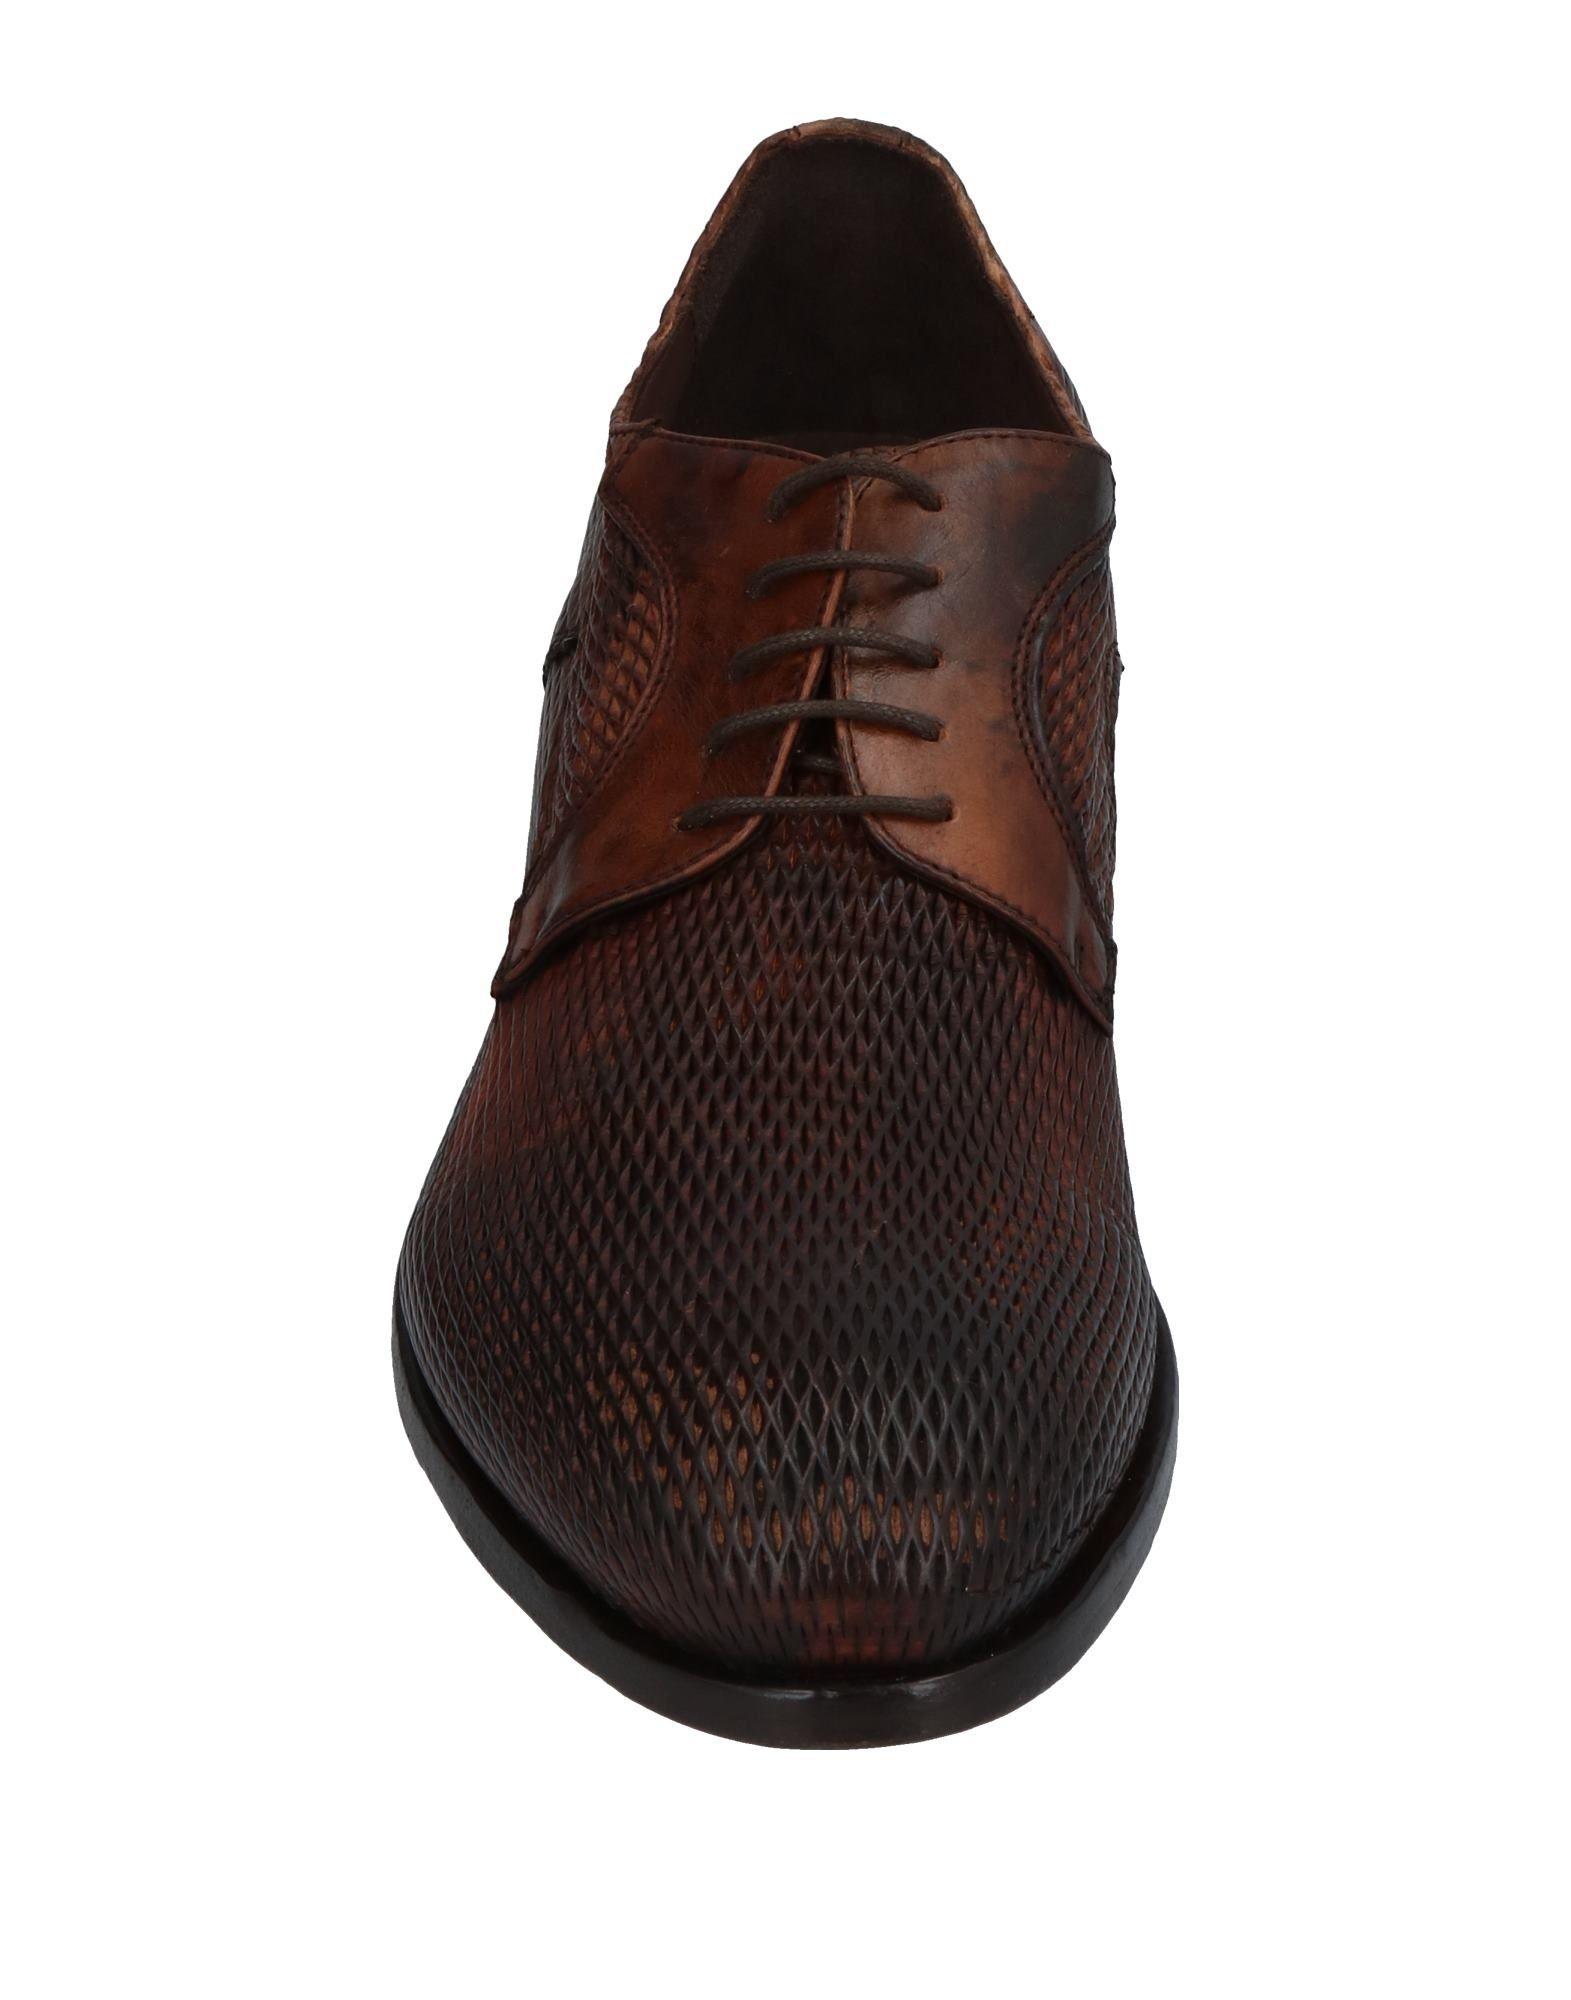 Rabatt Schnürschuhe echte Schuhe Pawelk's Schnürschuhe Rabatt Herren  11369883MK 26aec6